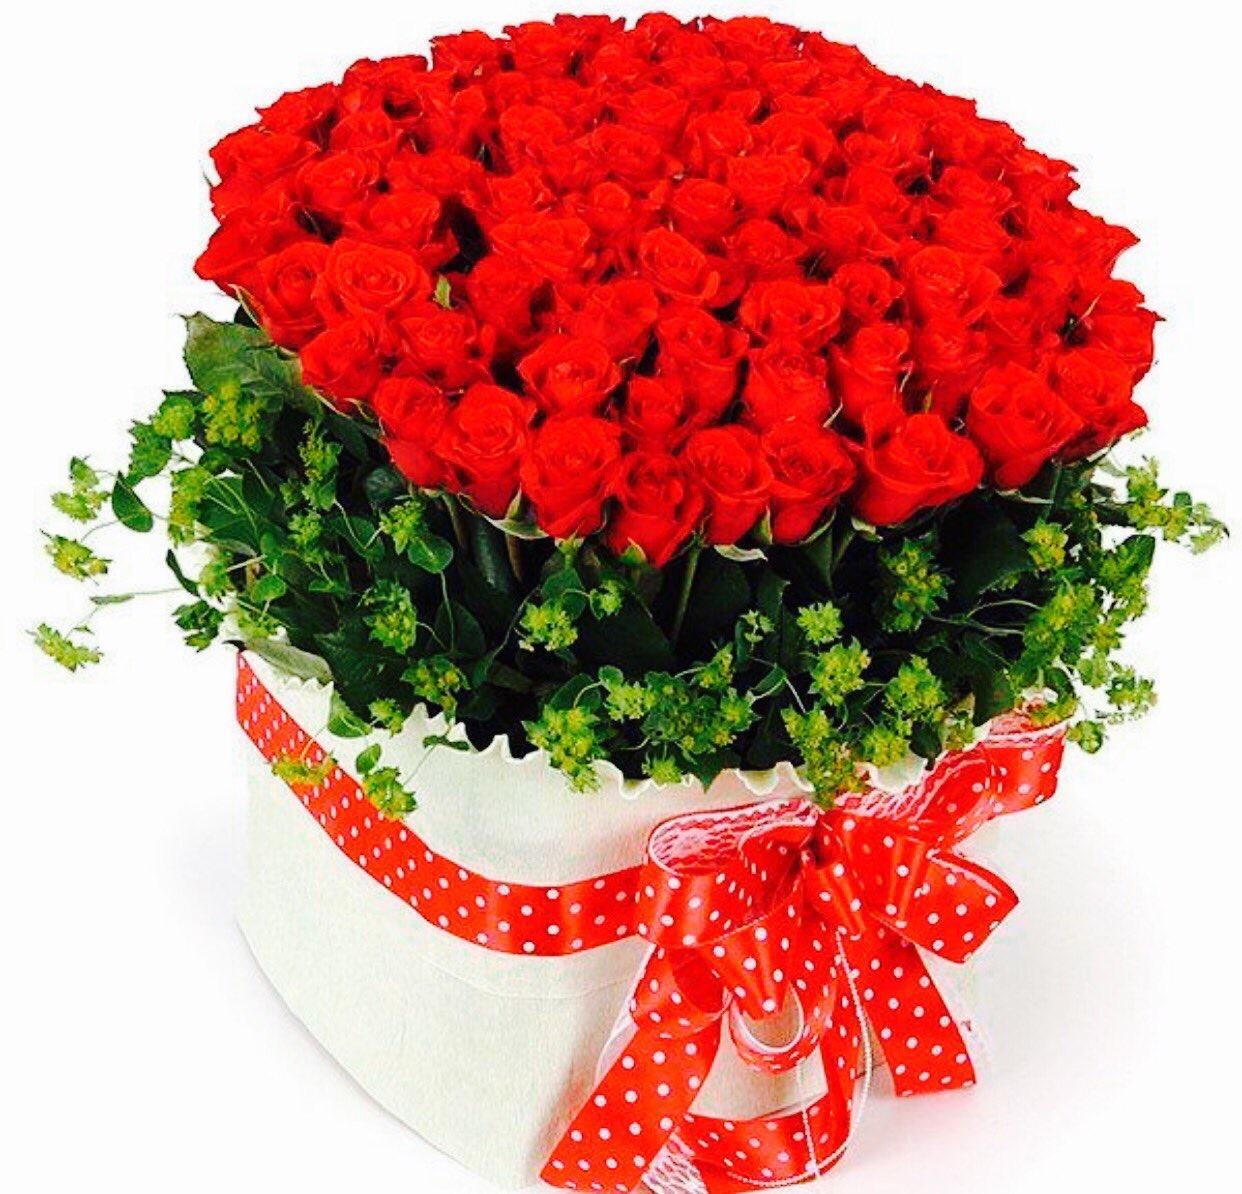 Мне, открытки с красивыми букетами роз-с днем рождения подруга